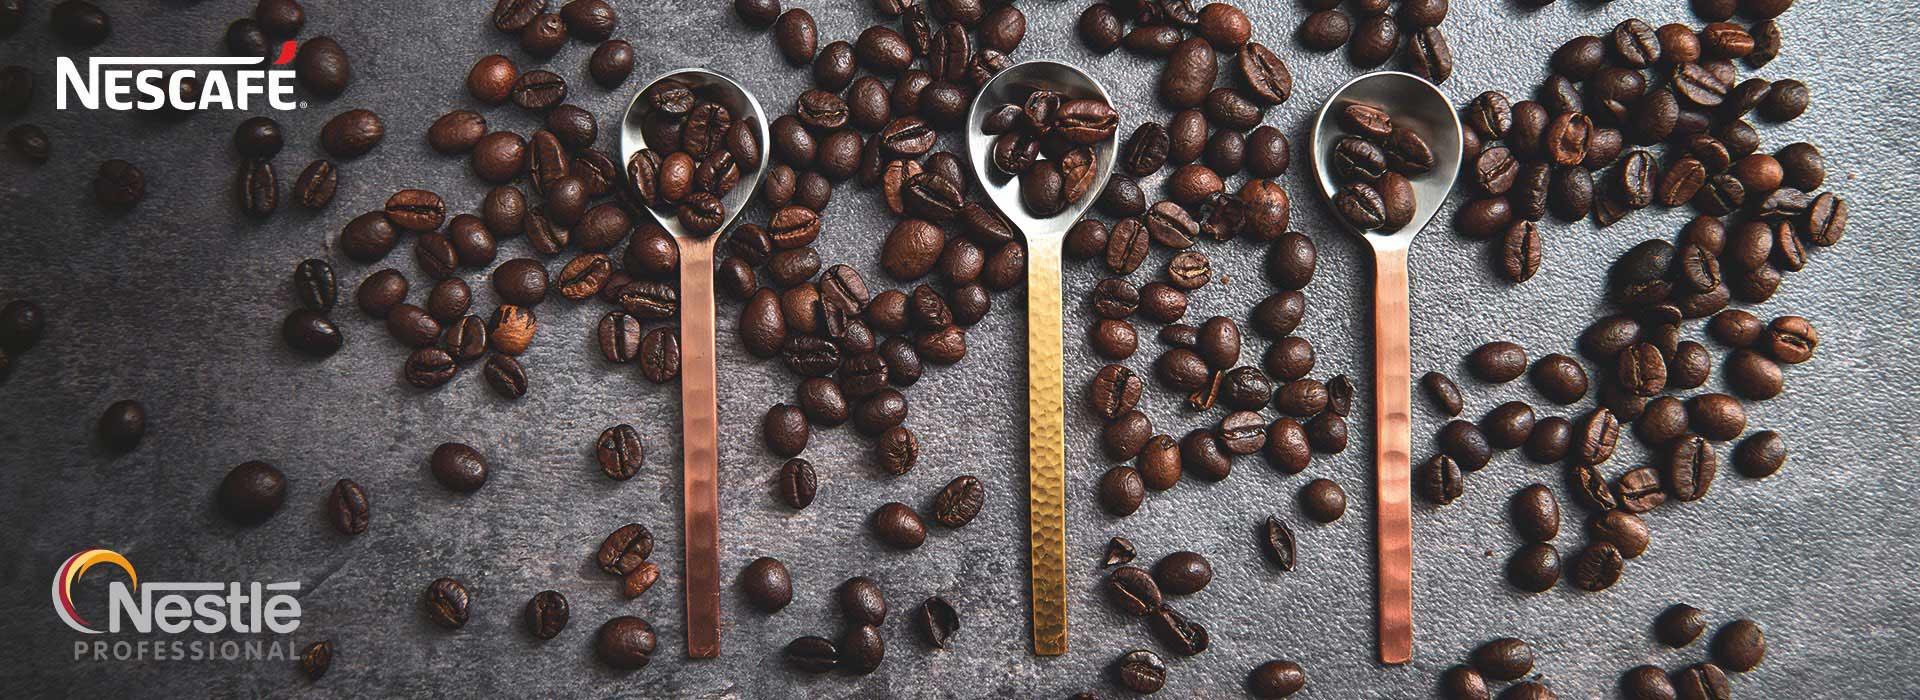 Nescafé lancio caffè in grani cucchiaini